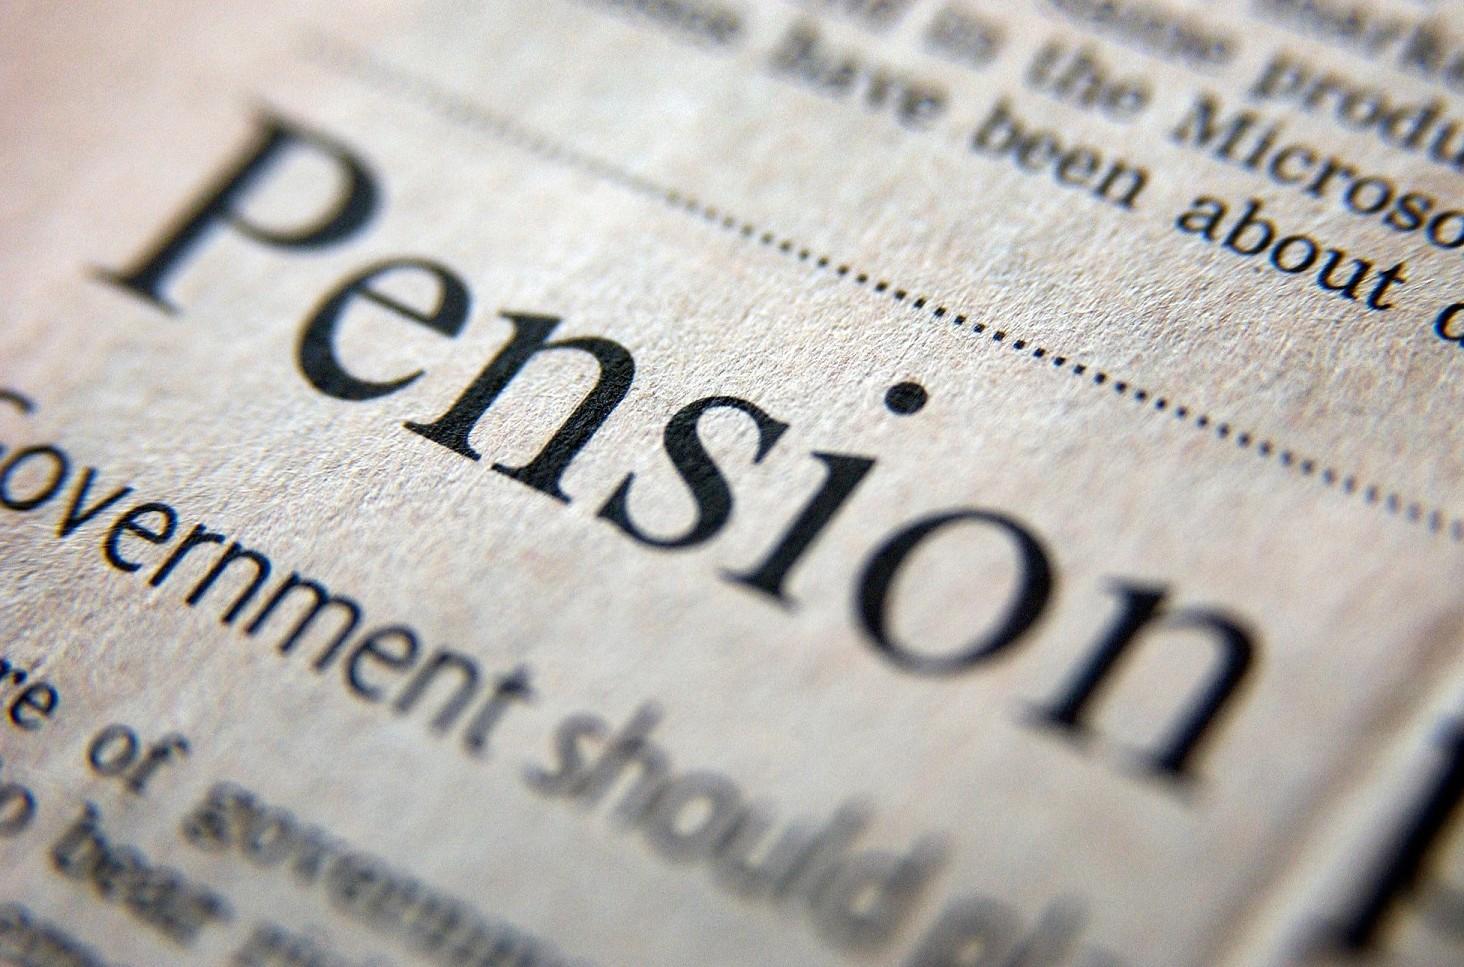 Pensioni precoci (41 anni di contributi): ultime notizie